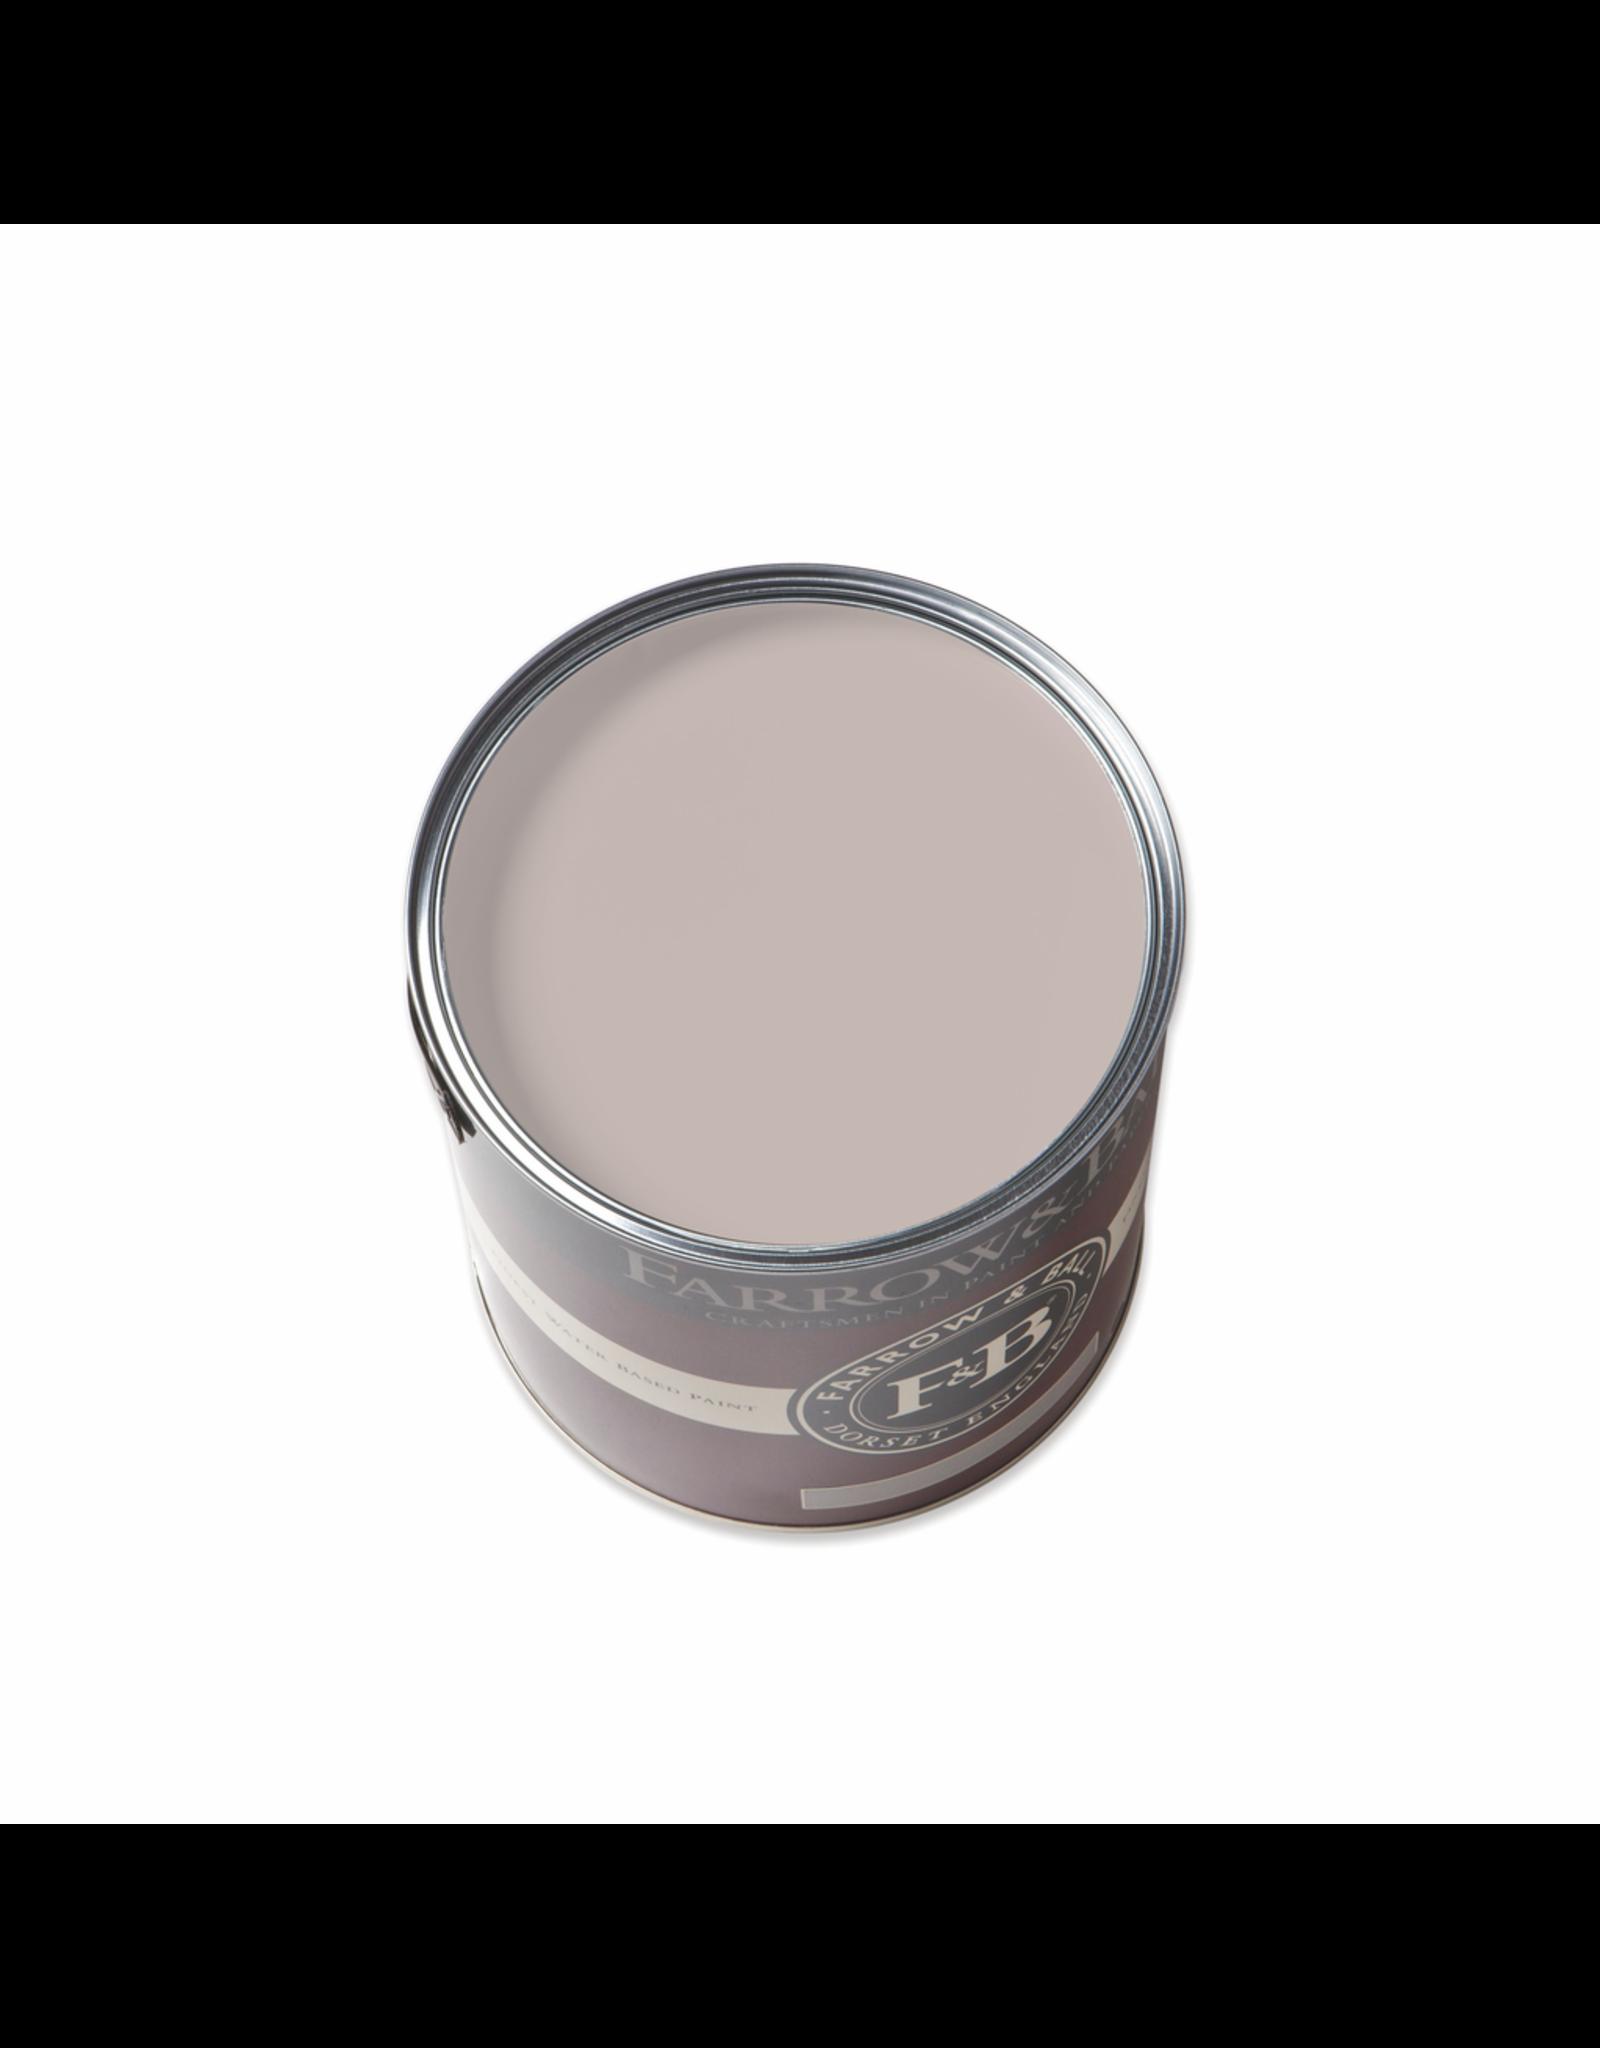 Farrow and Ball Gallon Modern Emulsion Peignoir No 286